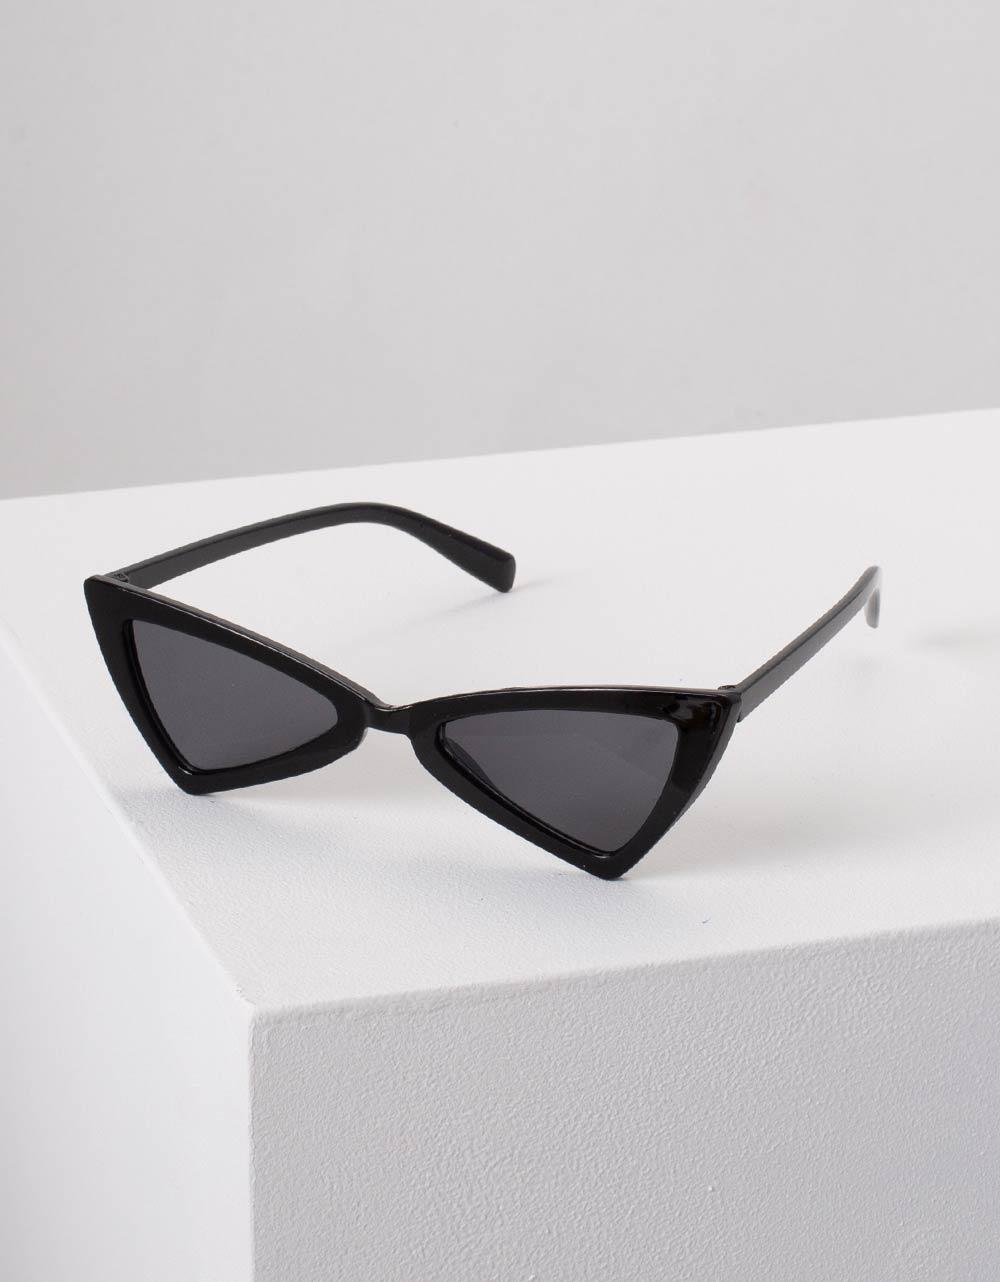 Εικόνα από Γυναικεία γυαλιά ηλίου cat eye Μαύρο